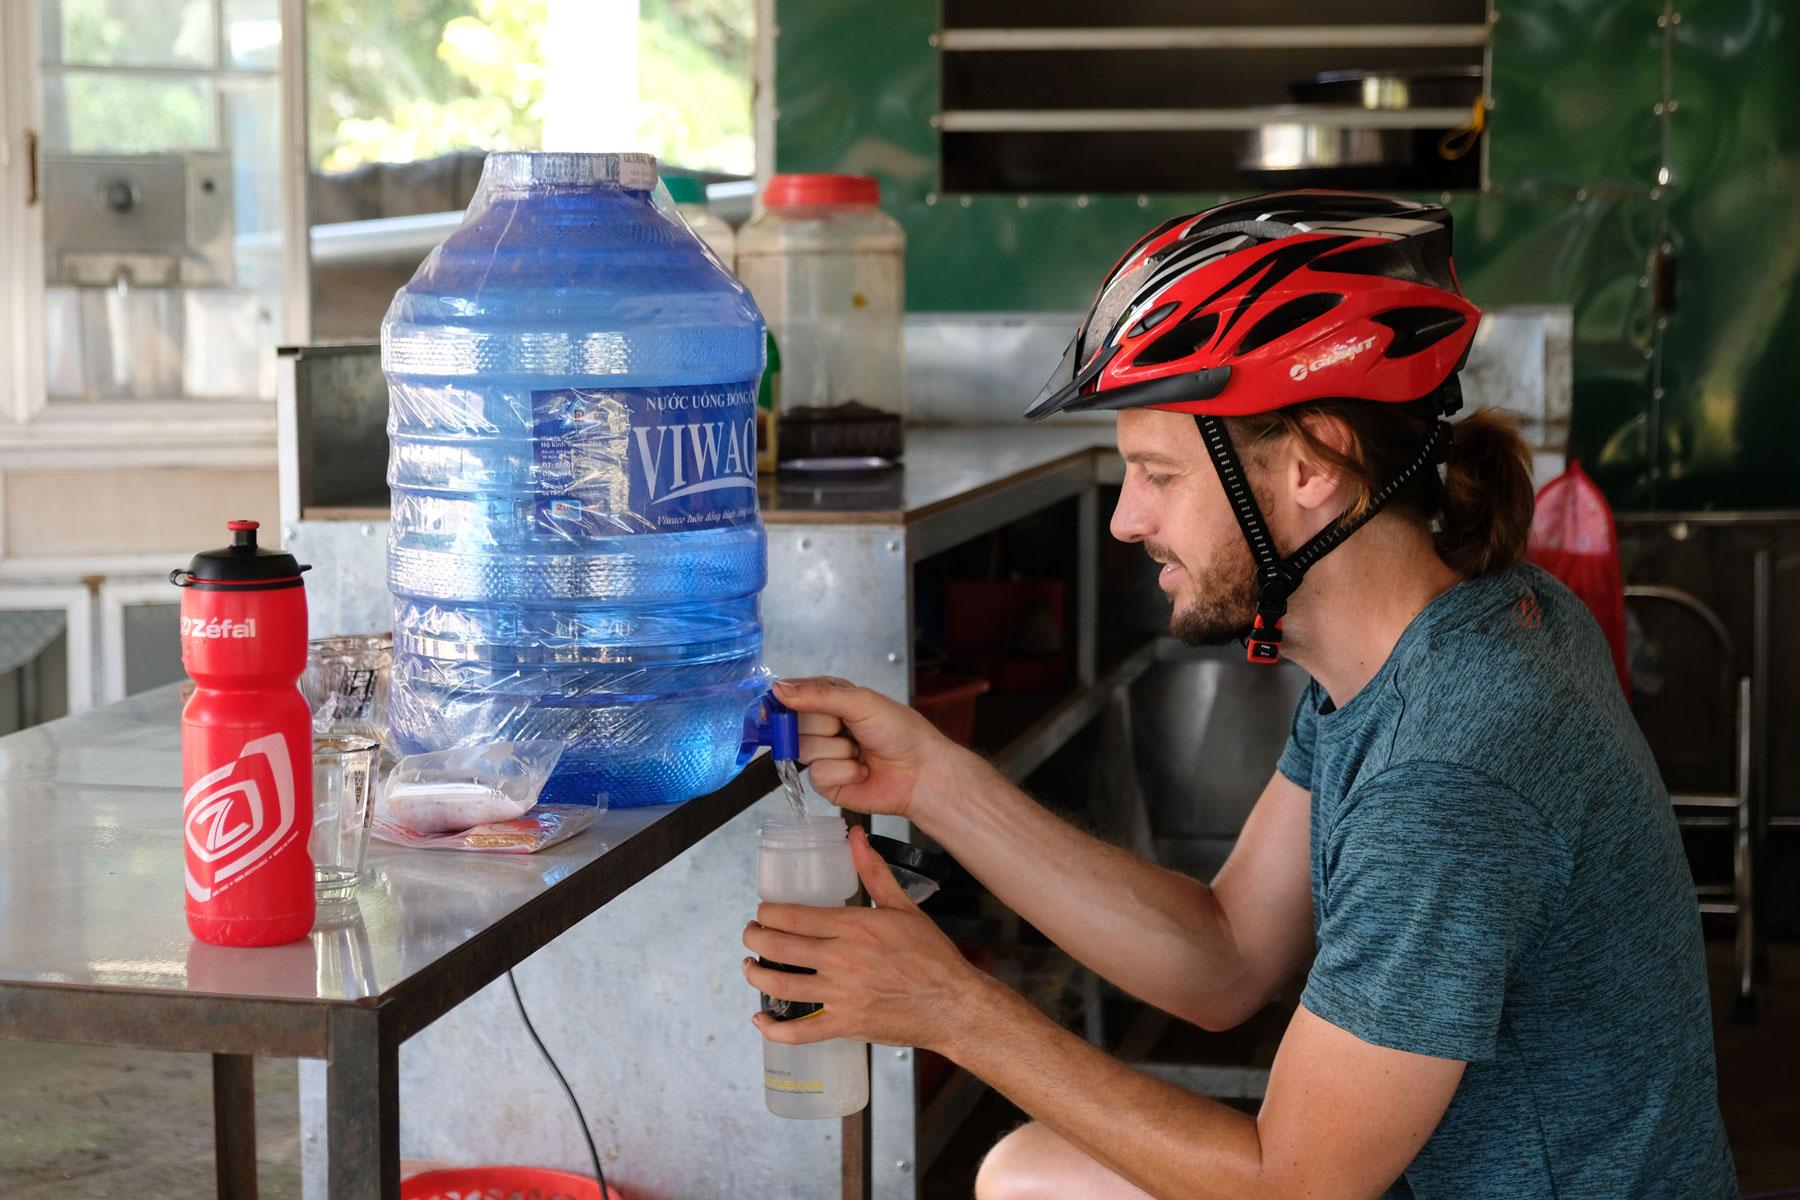 Sebastian trägt einen Fahrradhelm auf dem Kopf und zapft Trinkwasser aus einem Kanister.